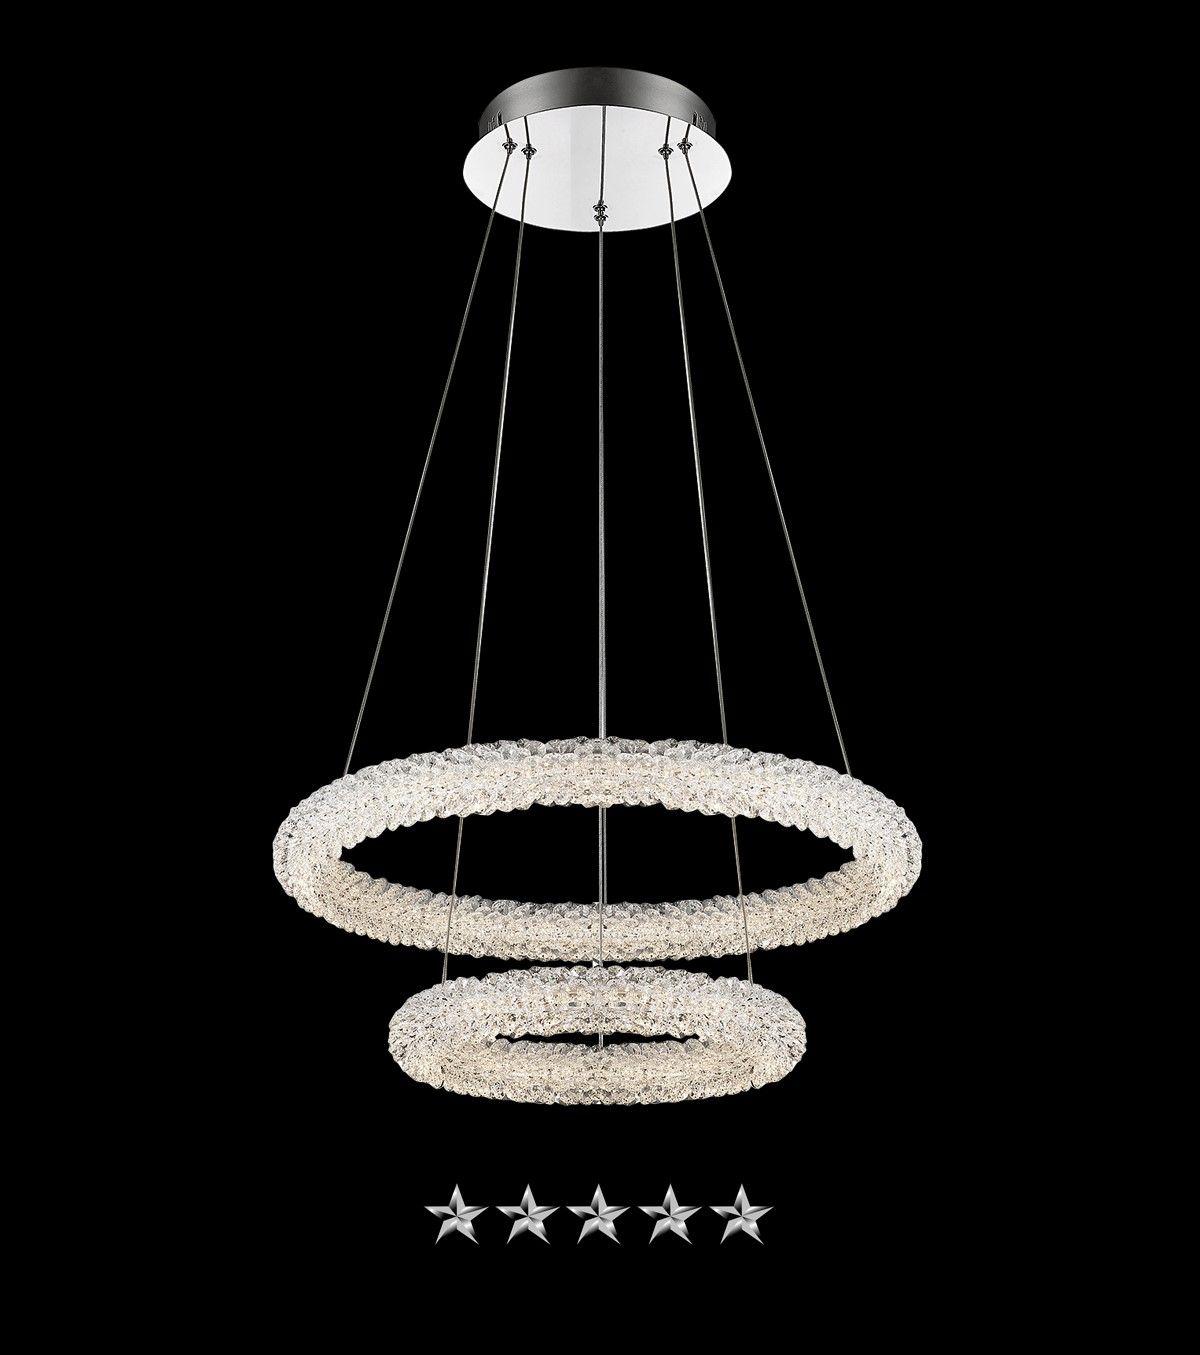 Foyer chandeliers chandeliers modern chandeliers modern foyers chandeliers modern foyers living rooms chandeliers modern foyers light fixtures